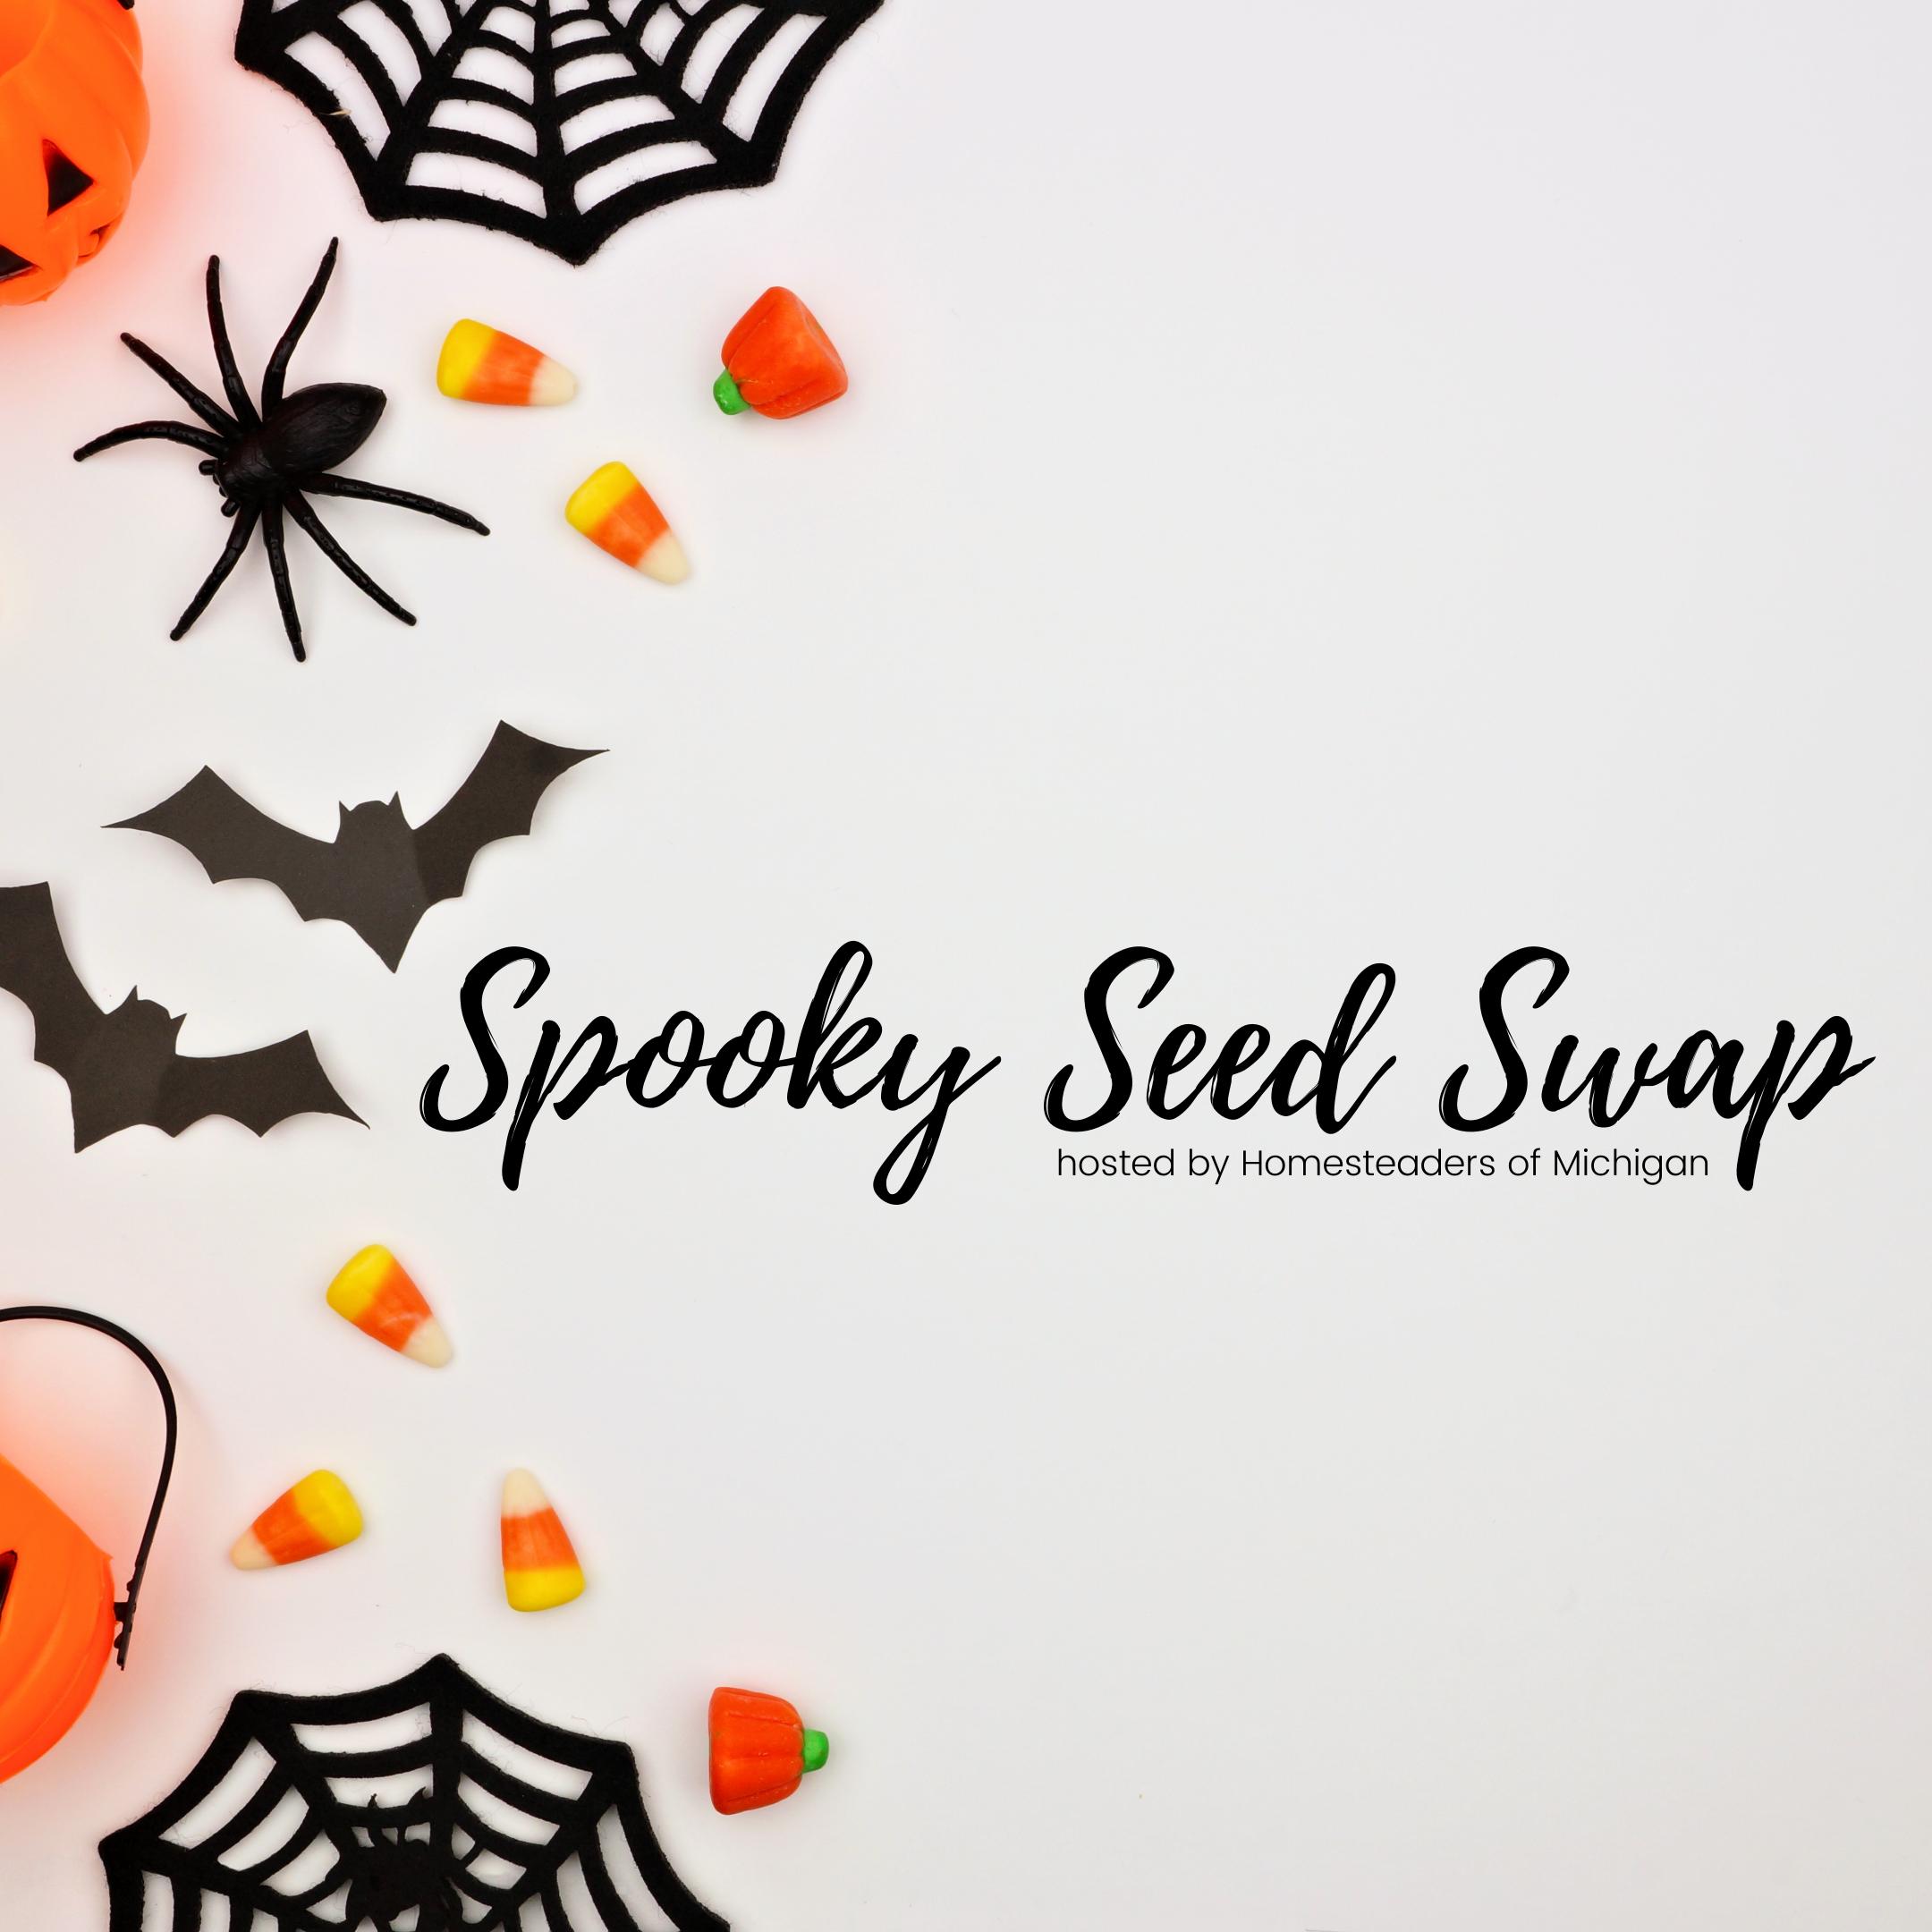 Spooky Seed Swap 2020